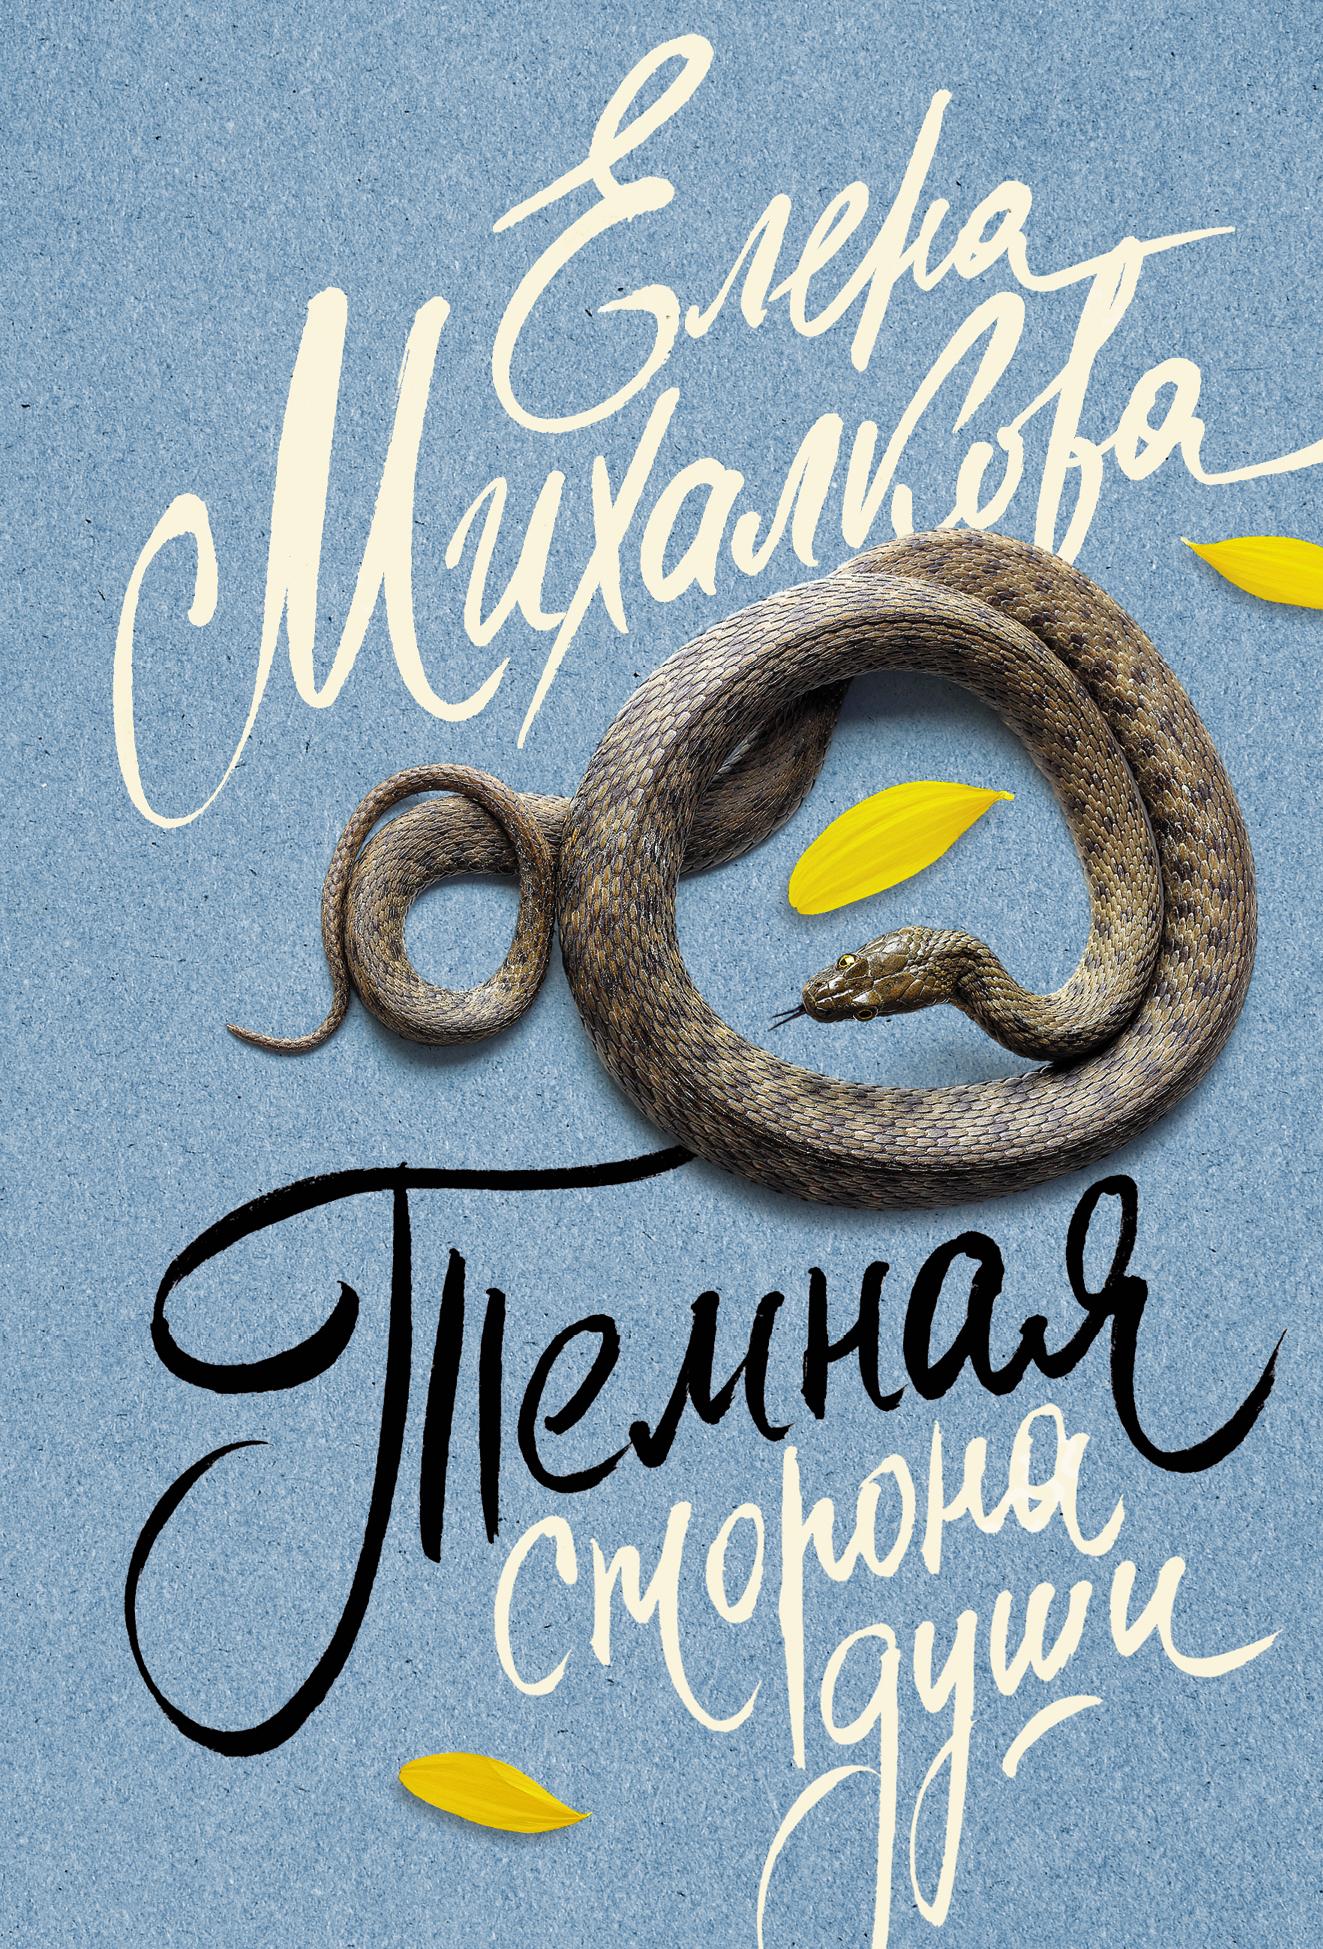 Елена Ивановна Михалкова Темная сторона души михалкова елена ивановна михалкова под комплект настоящий детектив